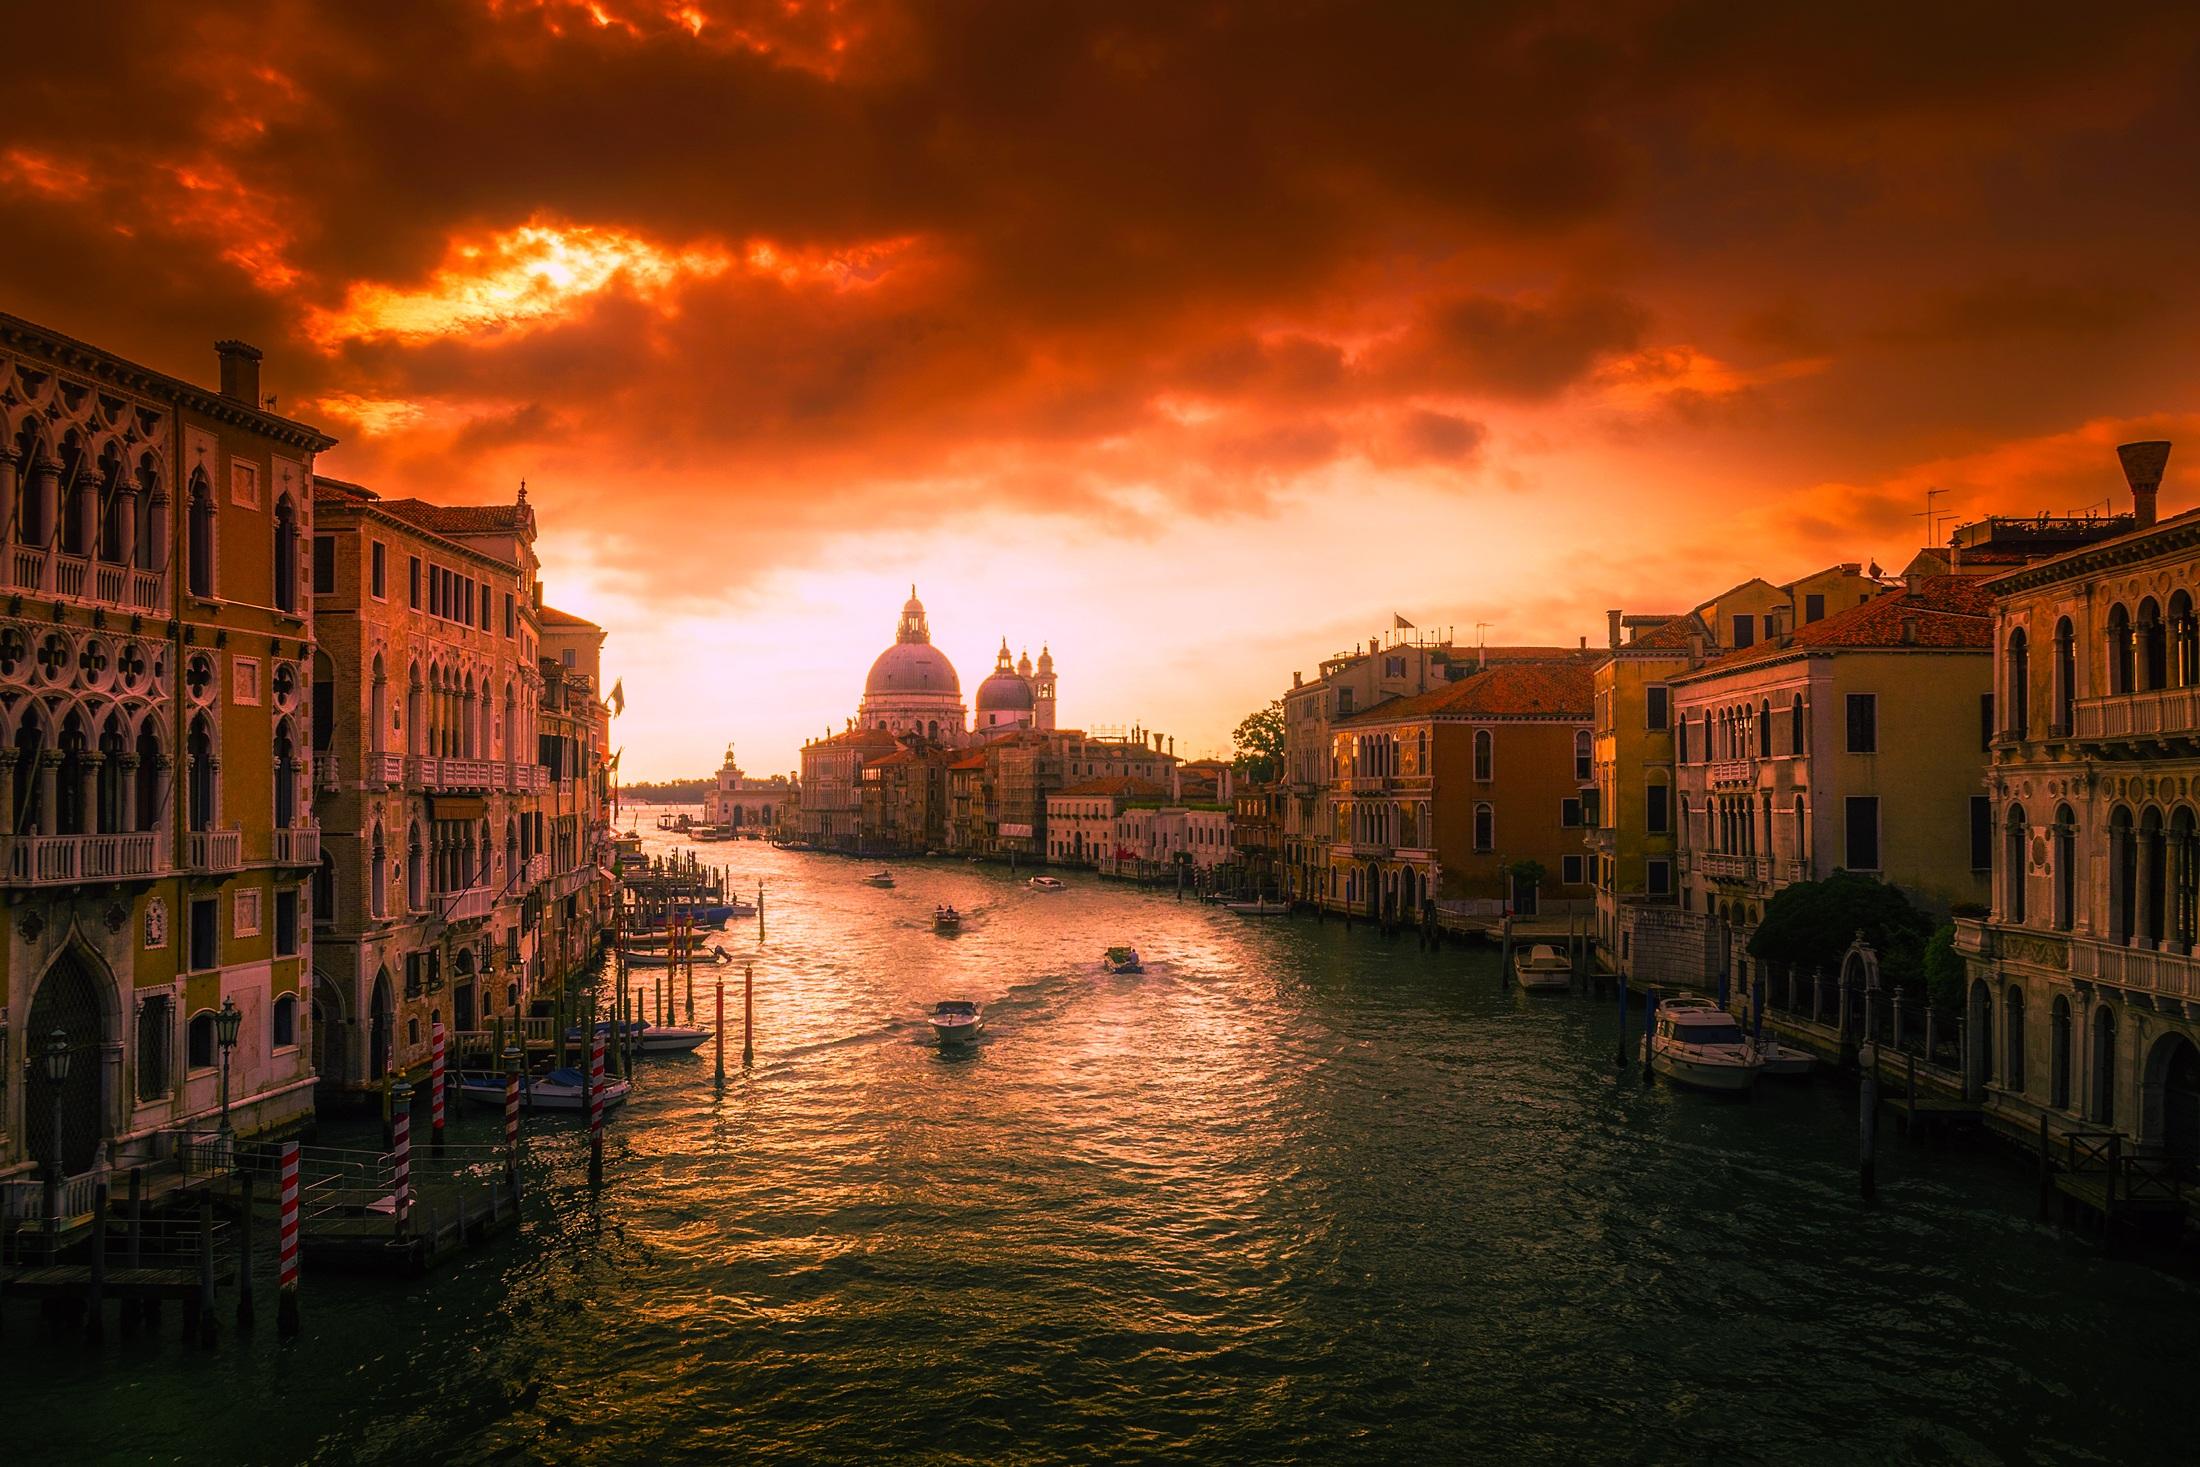 Venedig scheint jetzt Ernst zu machen und verbannt Kreuzfahrtschiffe aus seinem historischen Zentrum. Zunächst wollen die Behörden offenbar einen Teil der Kreuzfahrtschiffe in die Häfen nach Fusina und Lombardia außerhalb des Stadtzentrums umleiten.